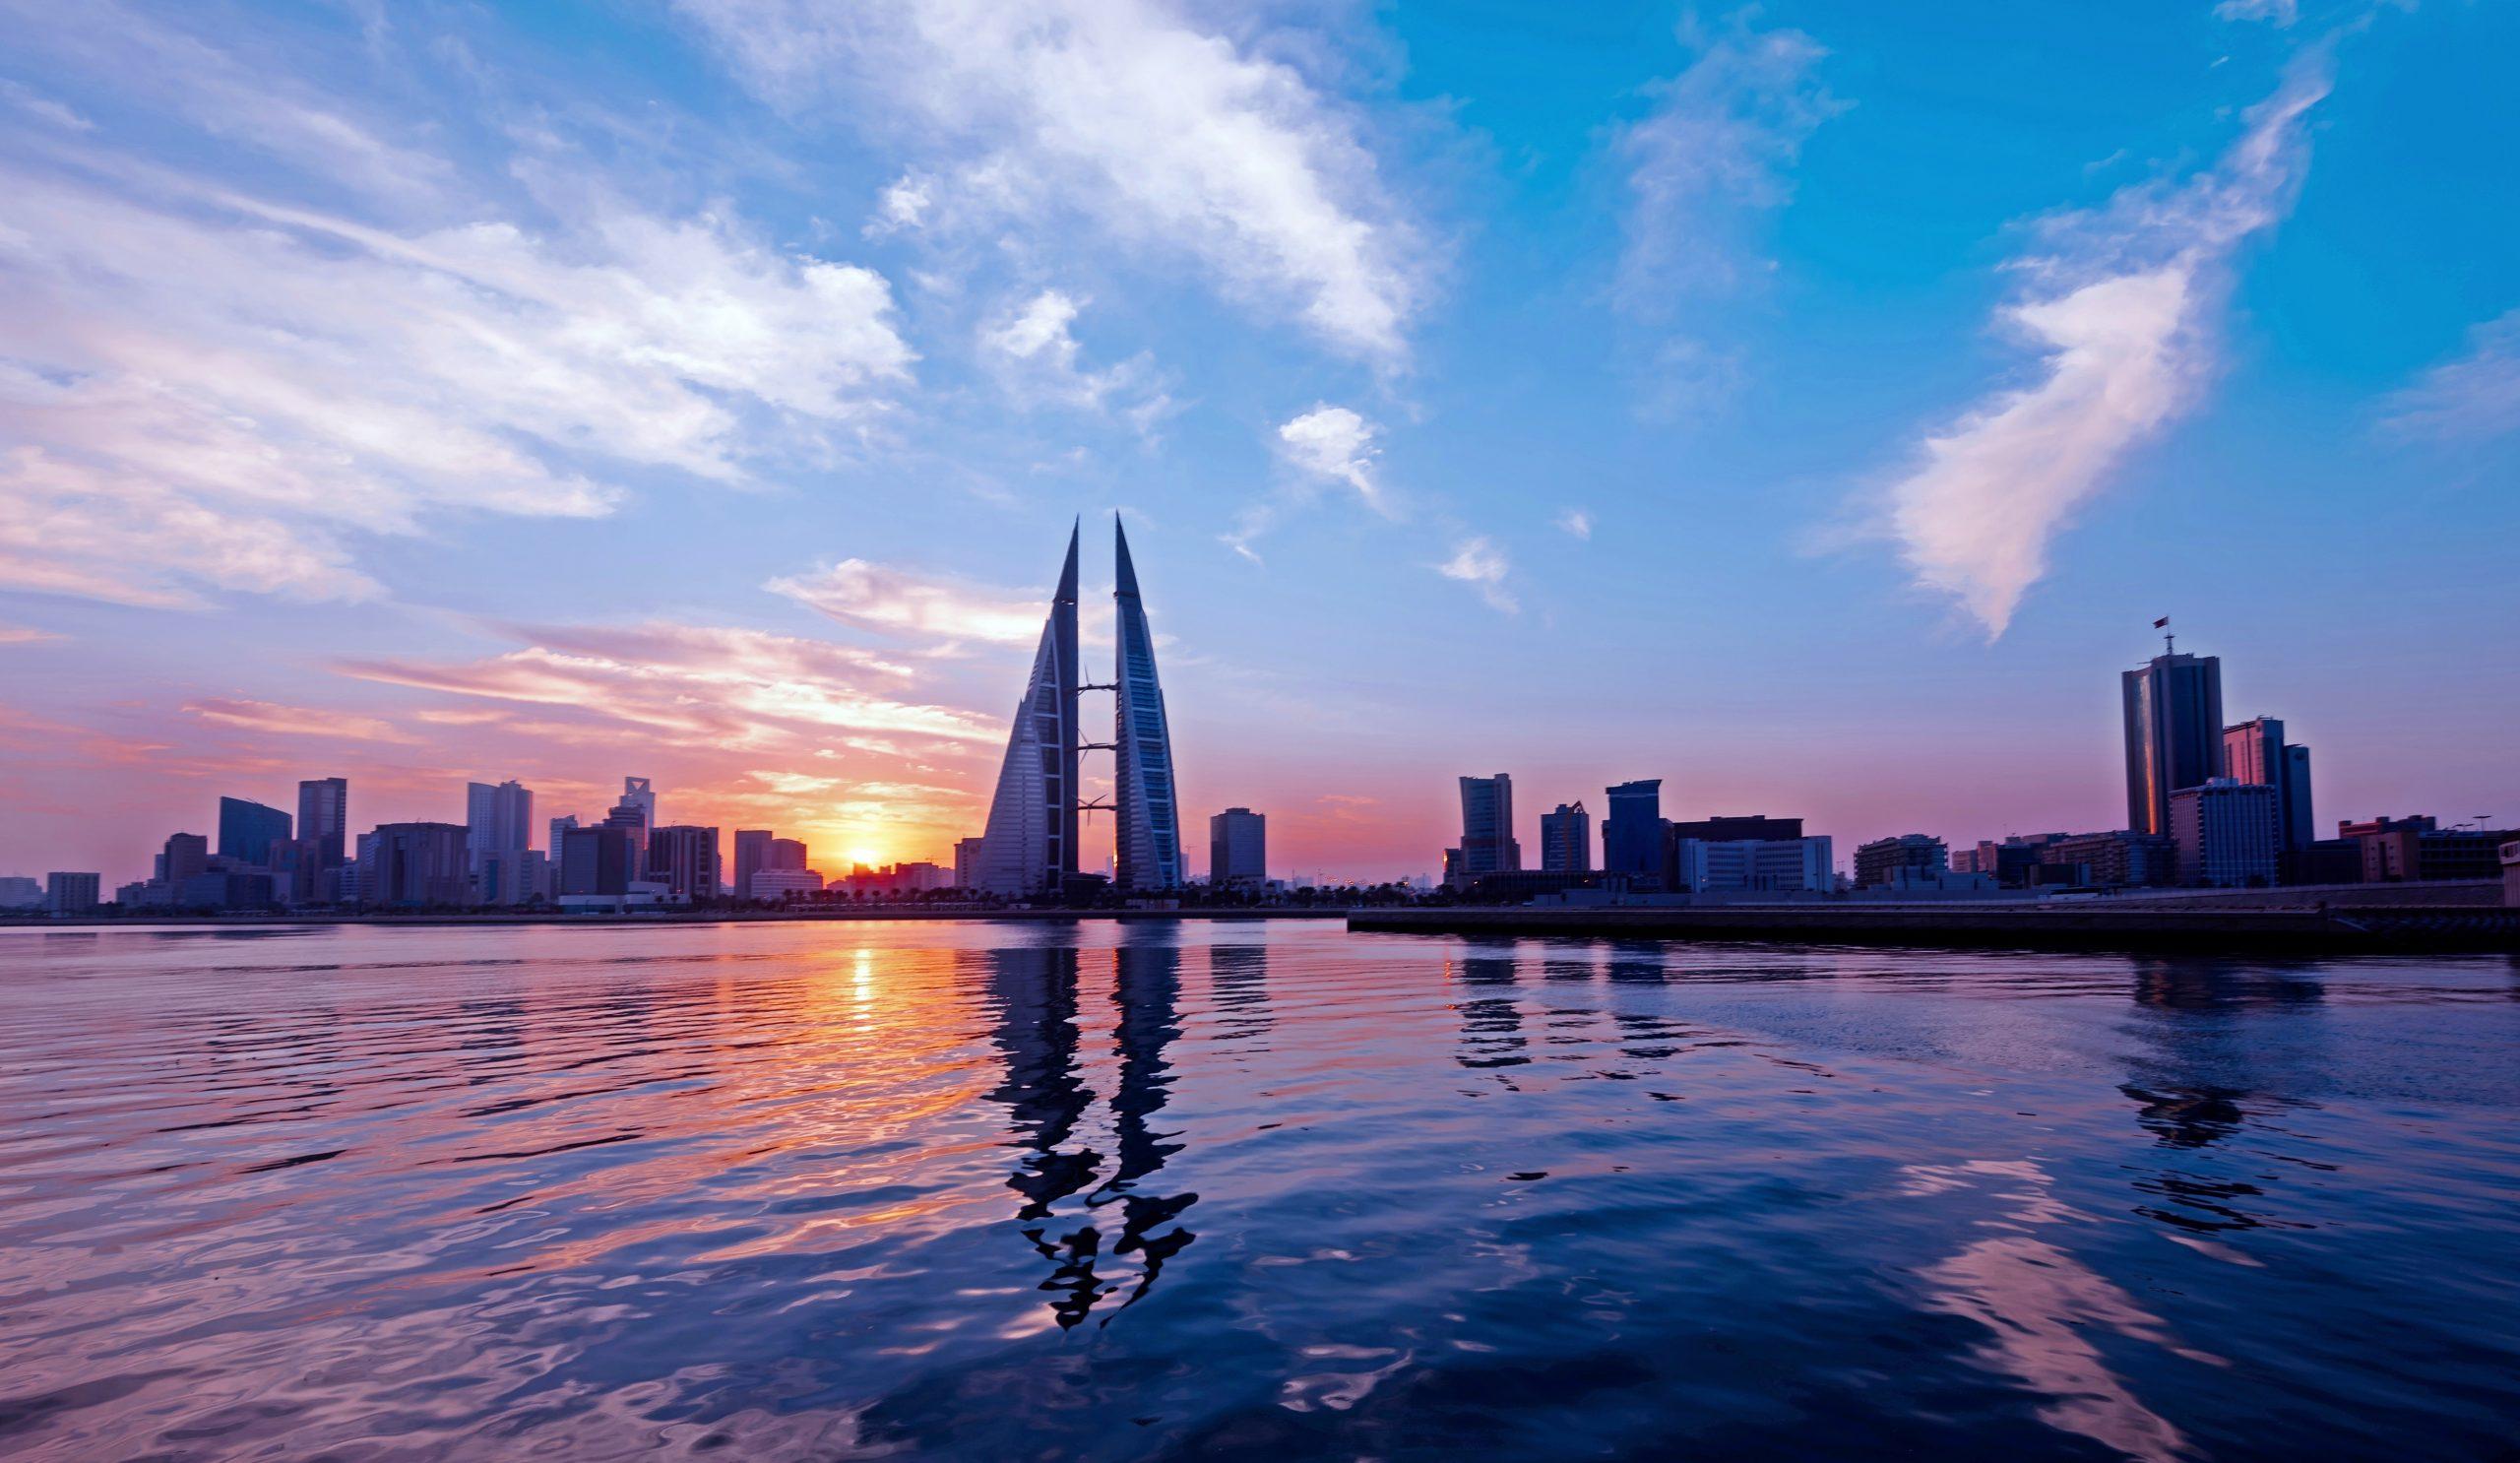 """""""إتش إس بي سي"""": البحرين تتصدر دول المنطقة كوجهة مميزة للأعمال بحسب آراء المغتربين"""